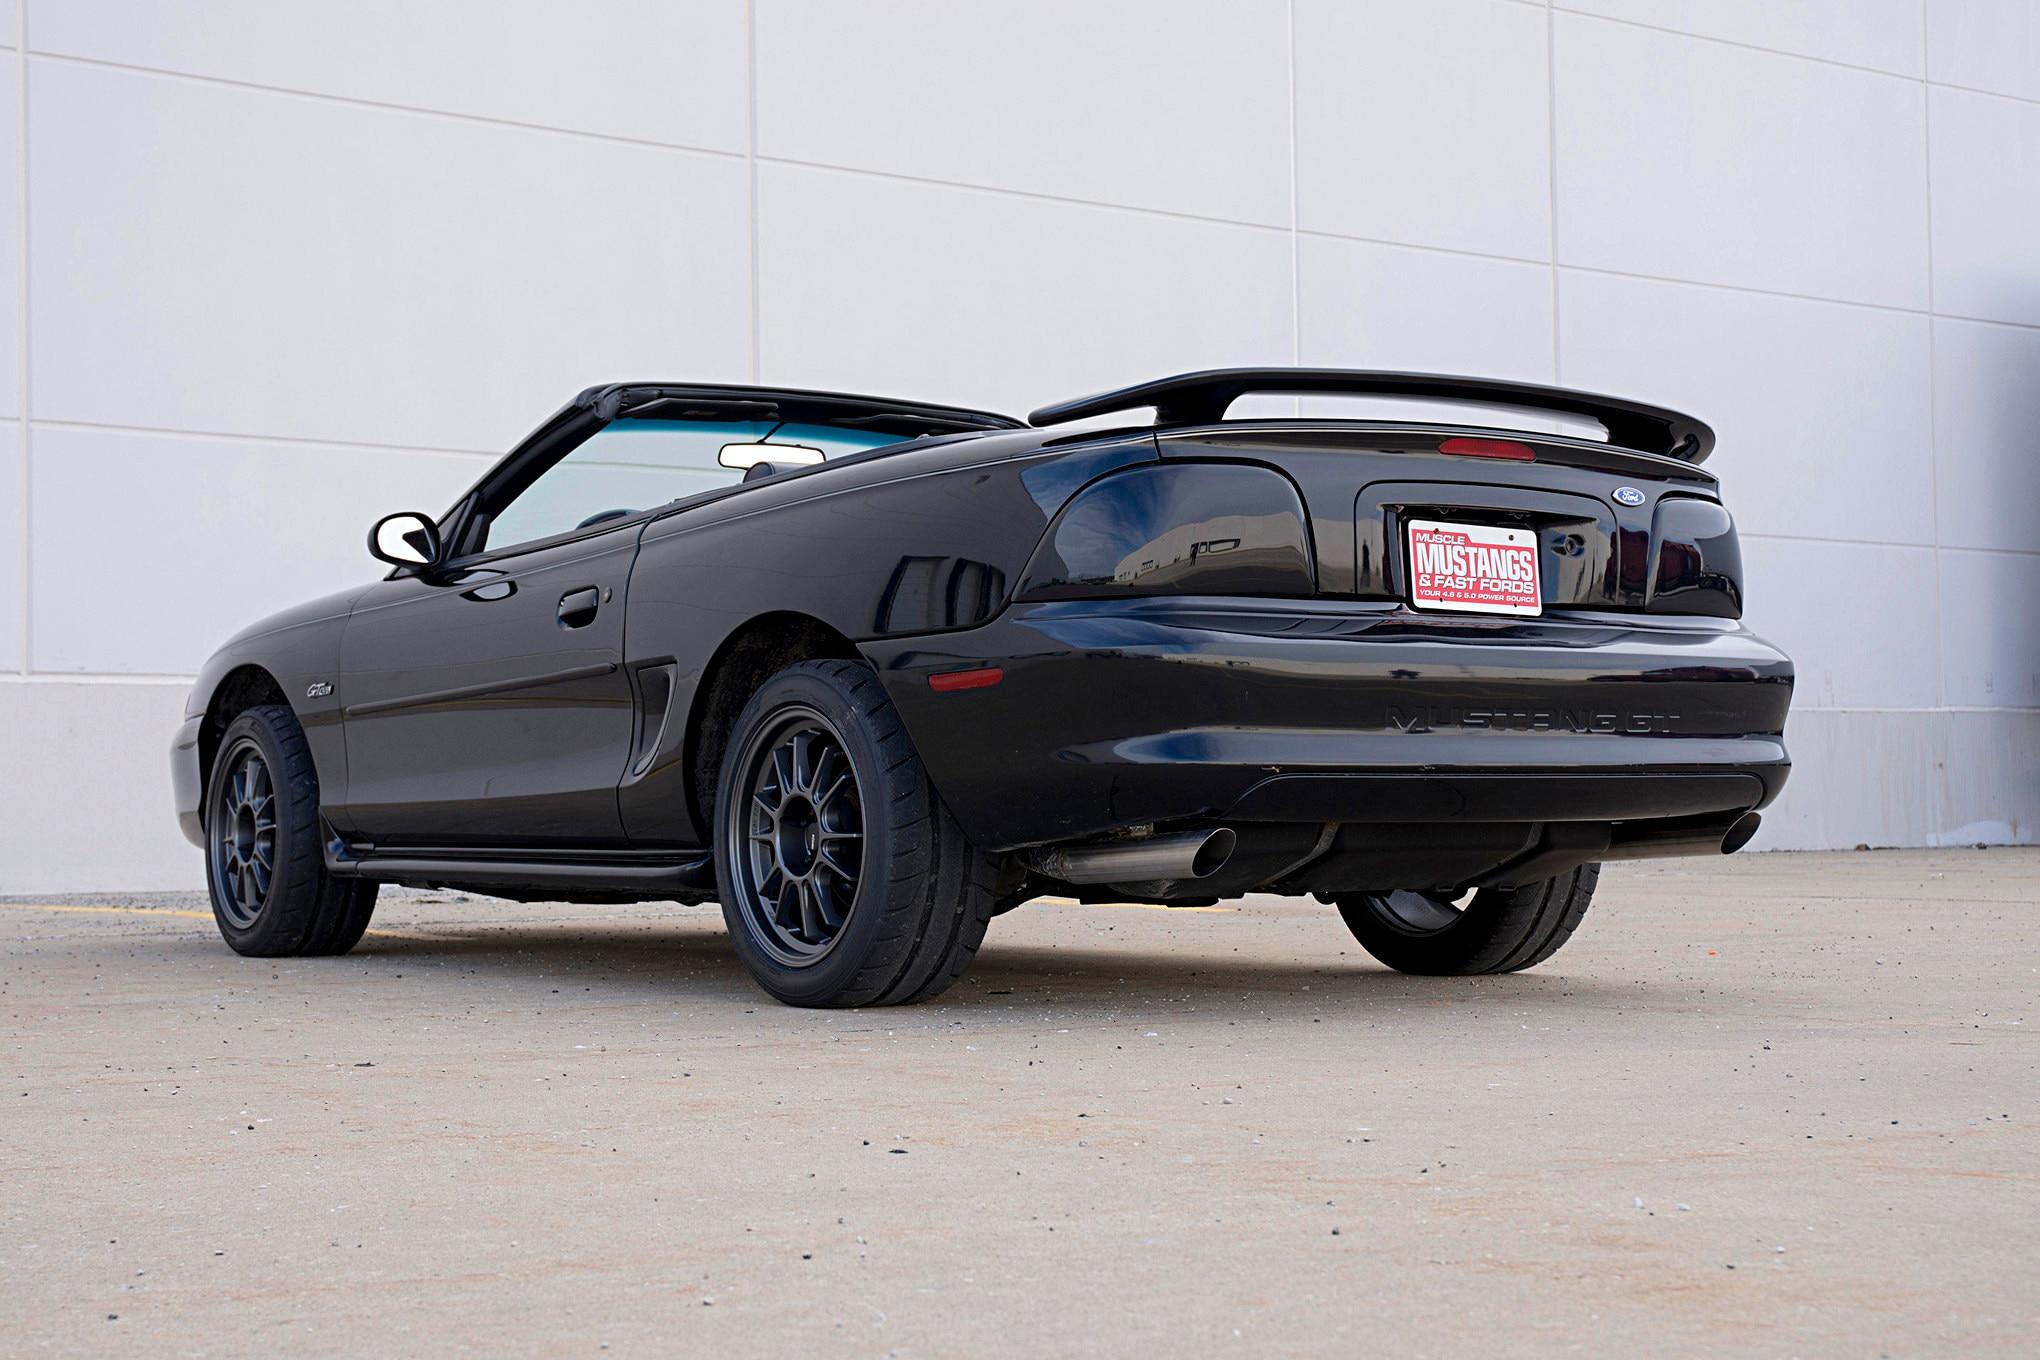 001 1997 Mustang Convertible Hooker Blackheart Exhaust